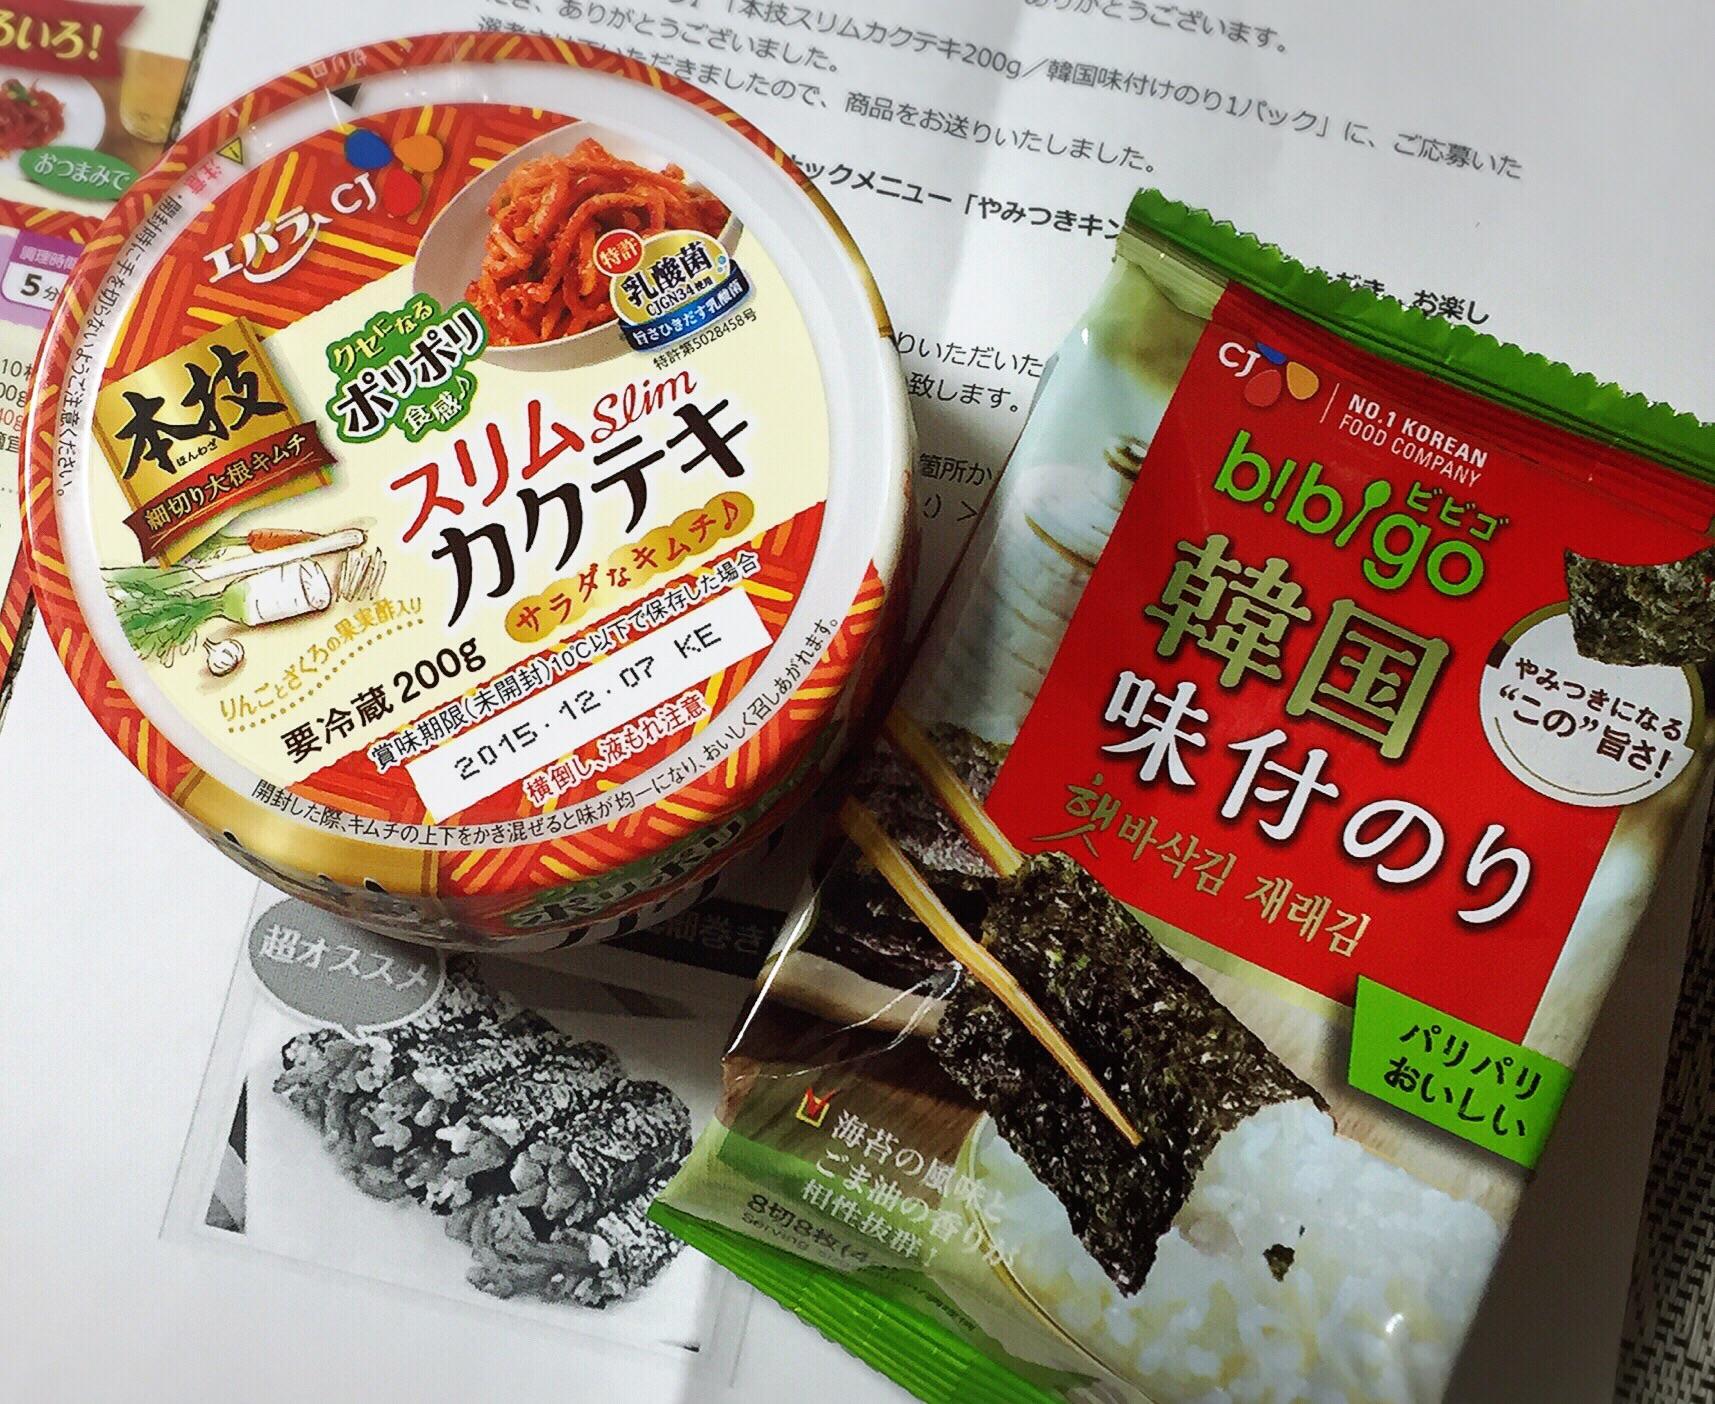 『スリムカクテキ&韓国味付けのり』を試してみた感想